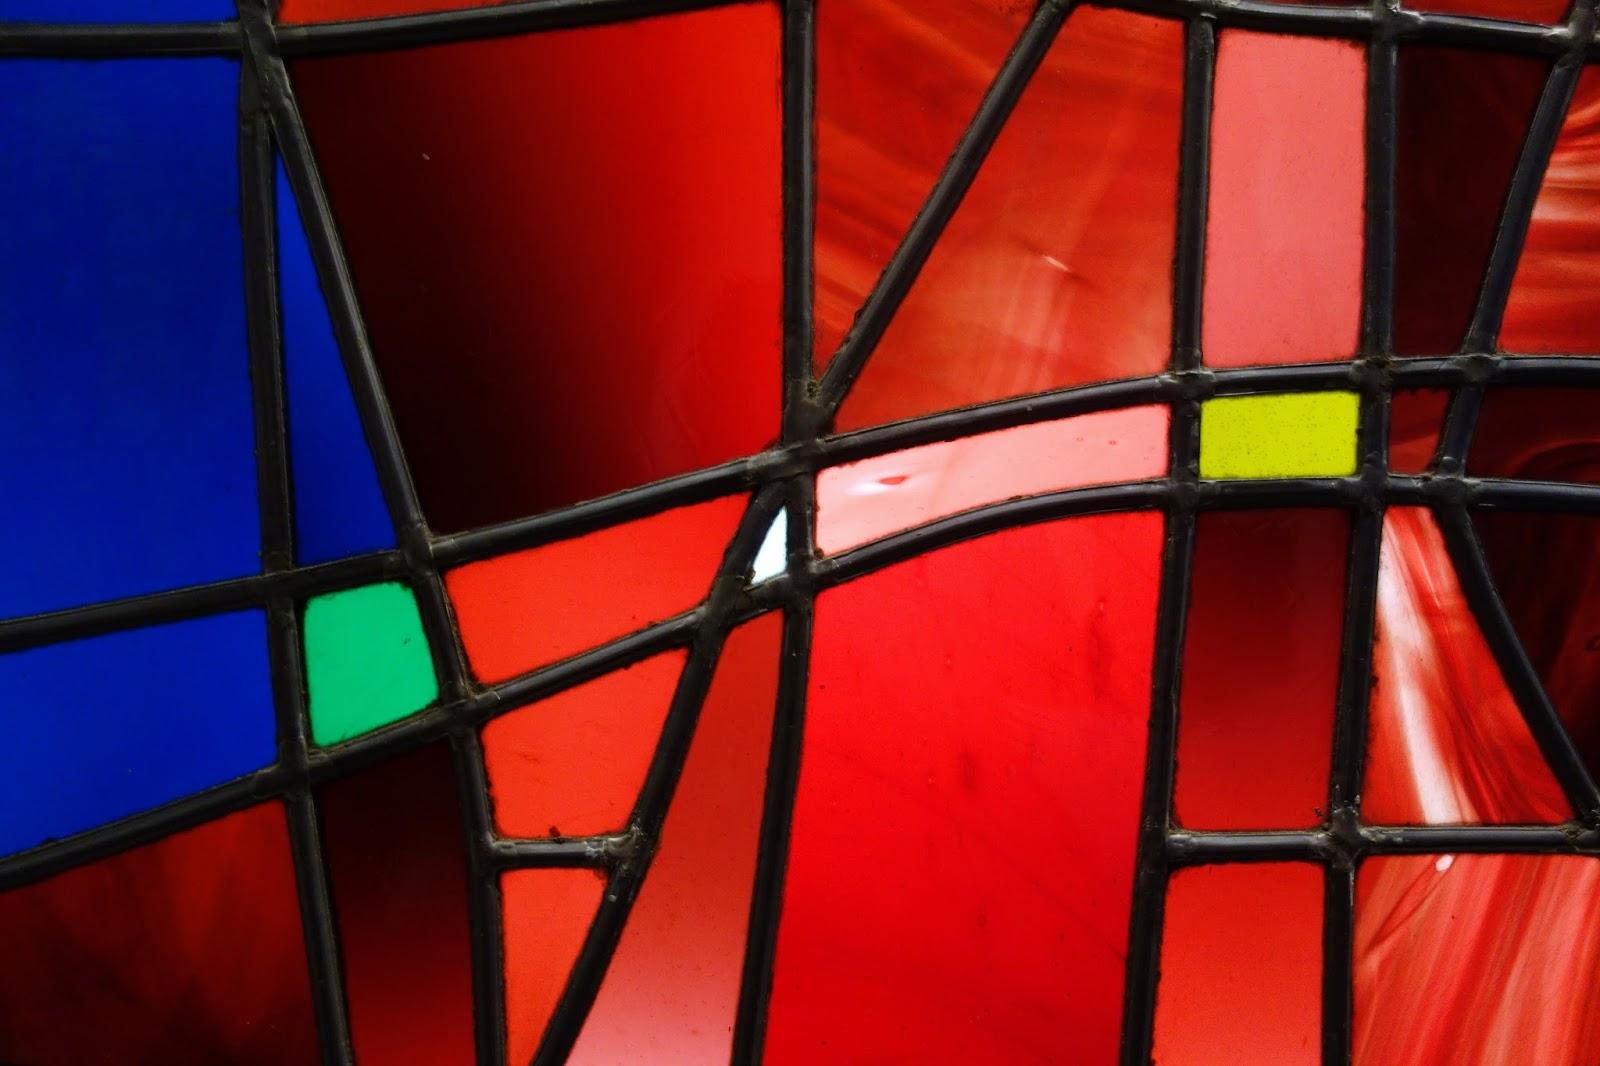 expo chagall soulages benzaken le vitrail contemporain cit de l 39 architecture et du. Black Bedroom Furniture Sets. Home Design Ideas